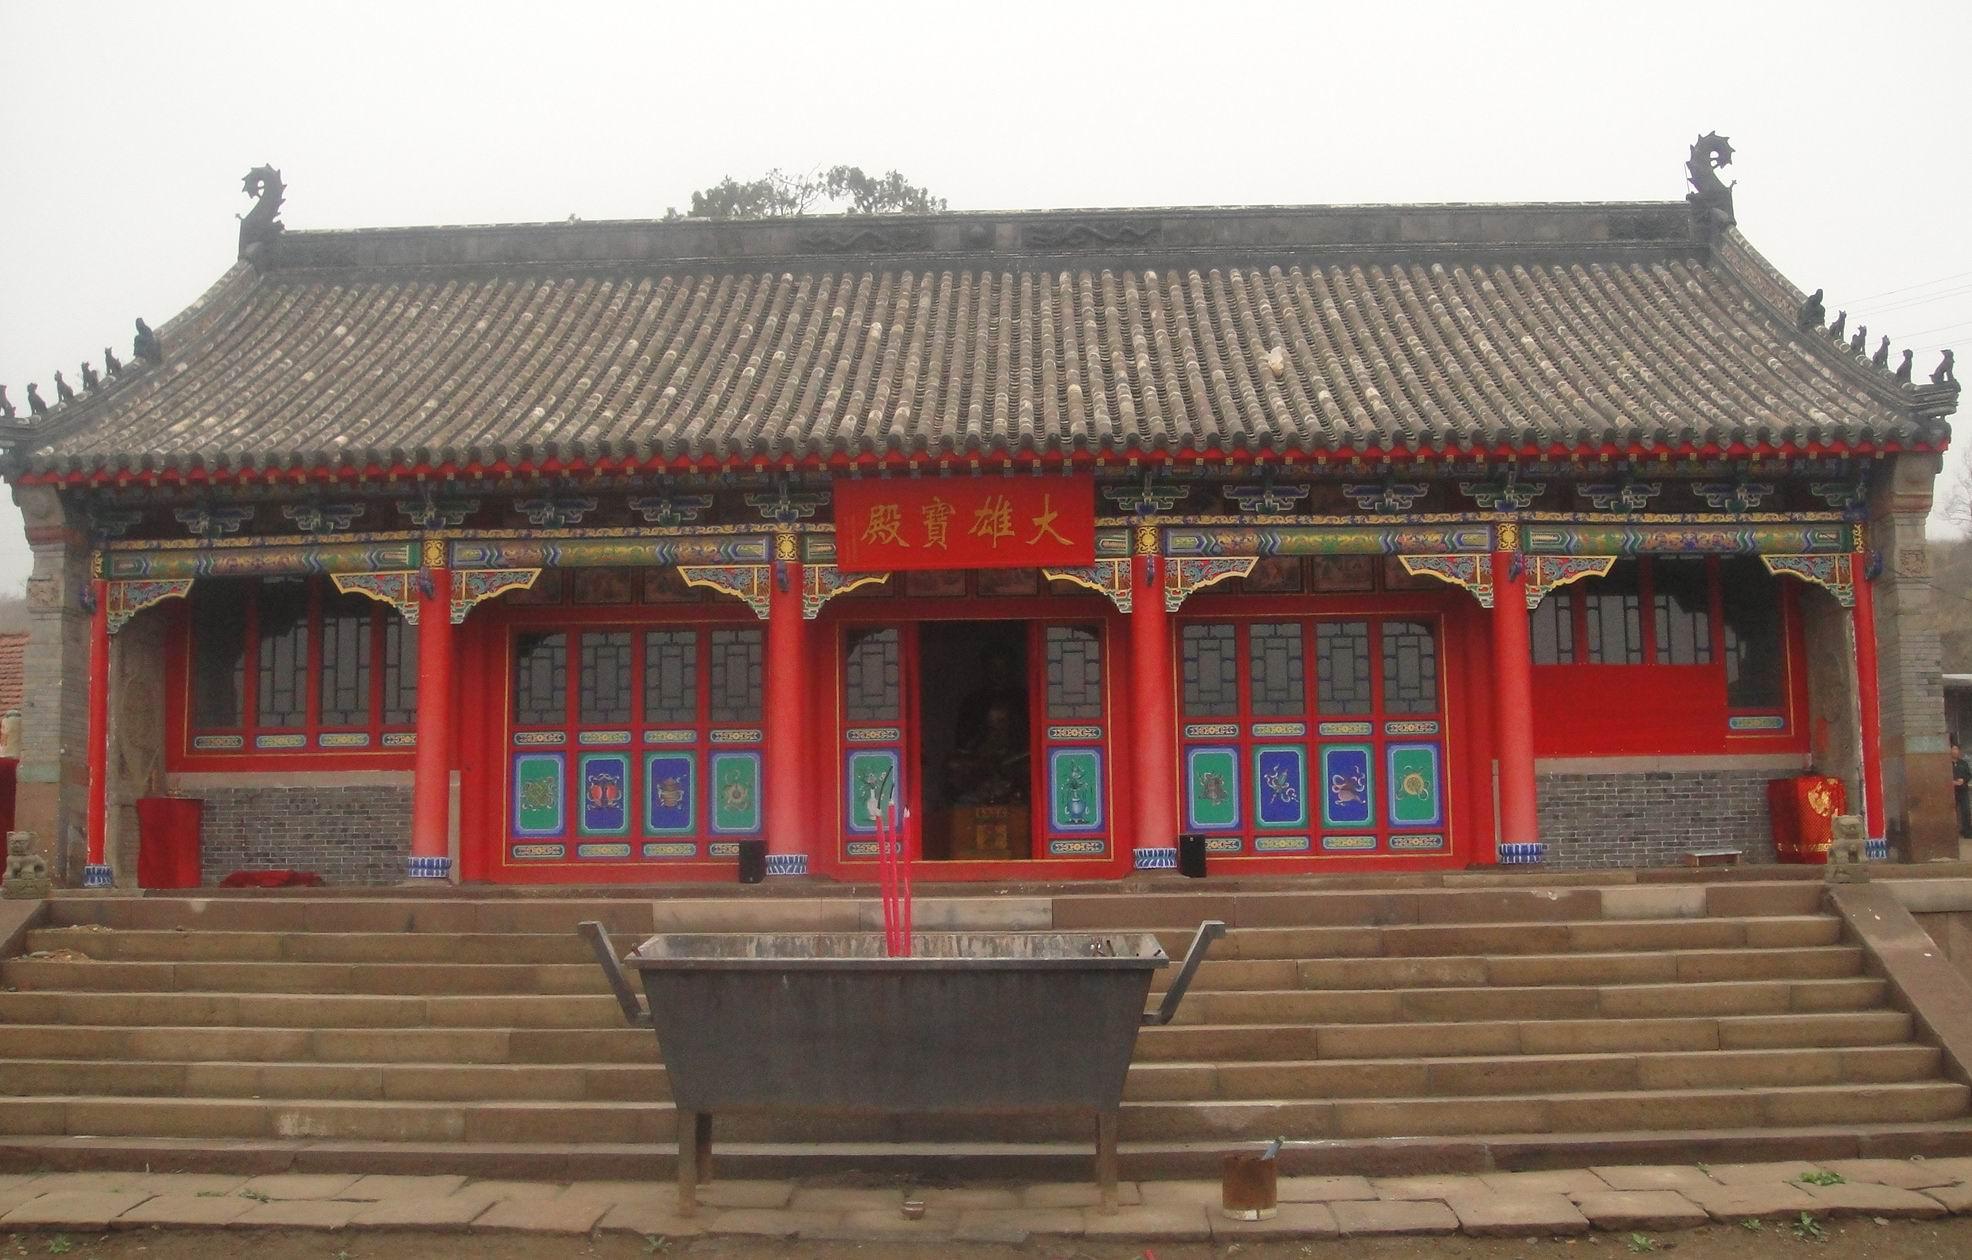 中国古建筑效果图_古建筑效果图_效果图_透视效果图